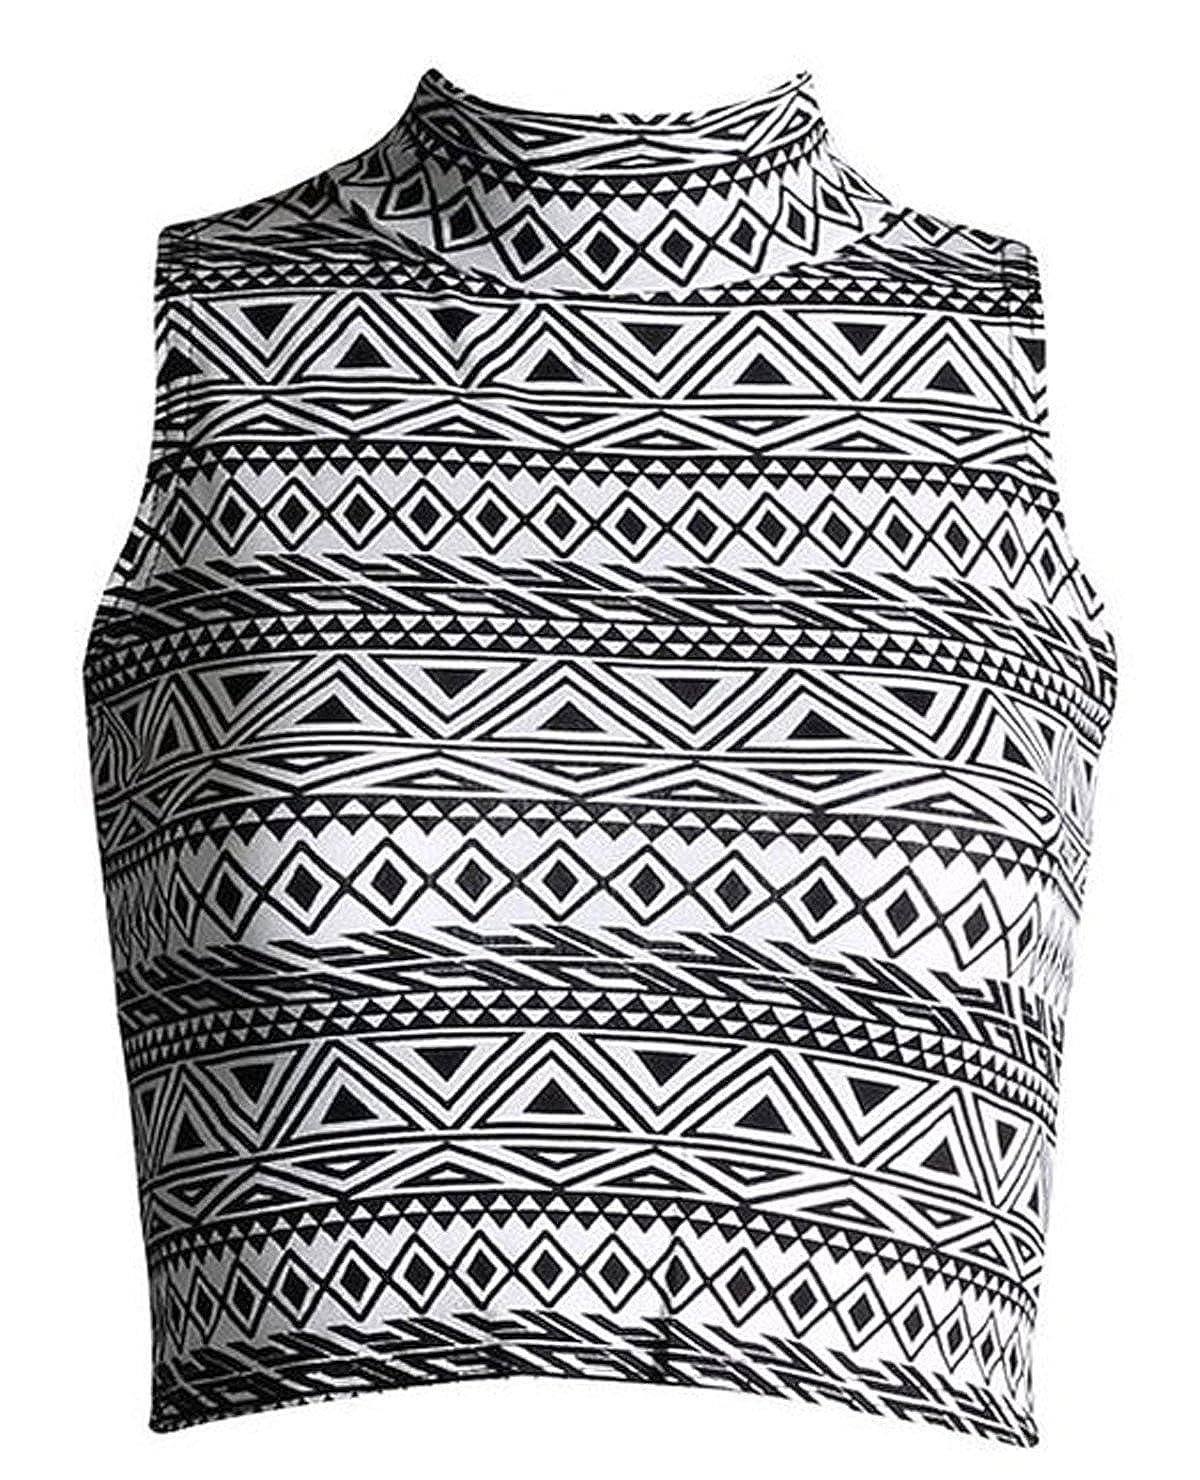 Fashion Attleya-Ciondolo da donna a forma di tartaruga con collo a Polo, modello: Canotta Crop Top